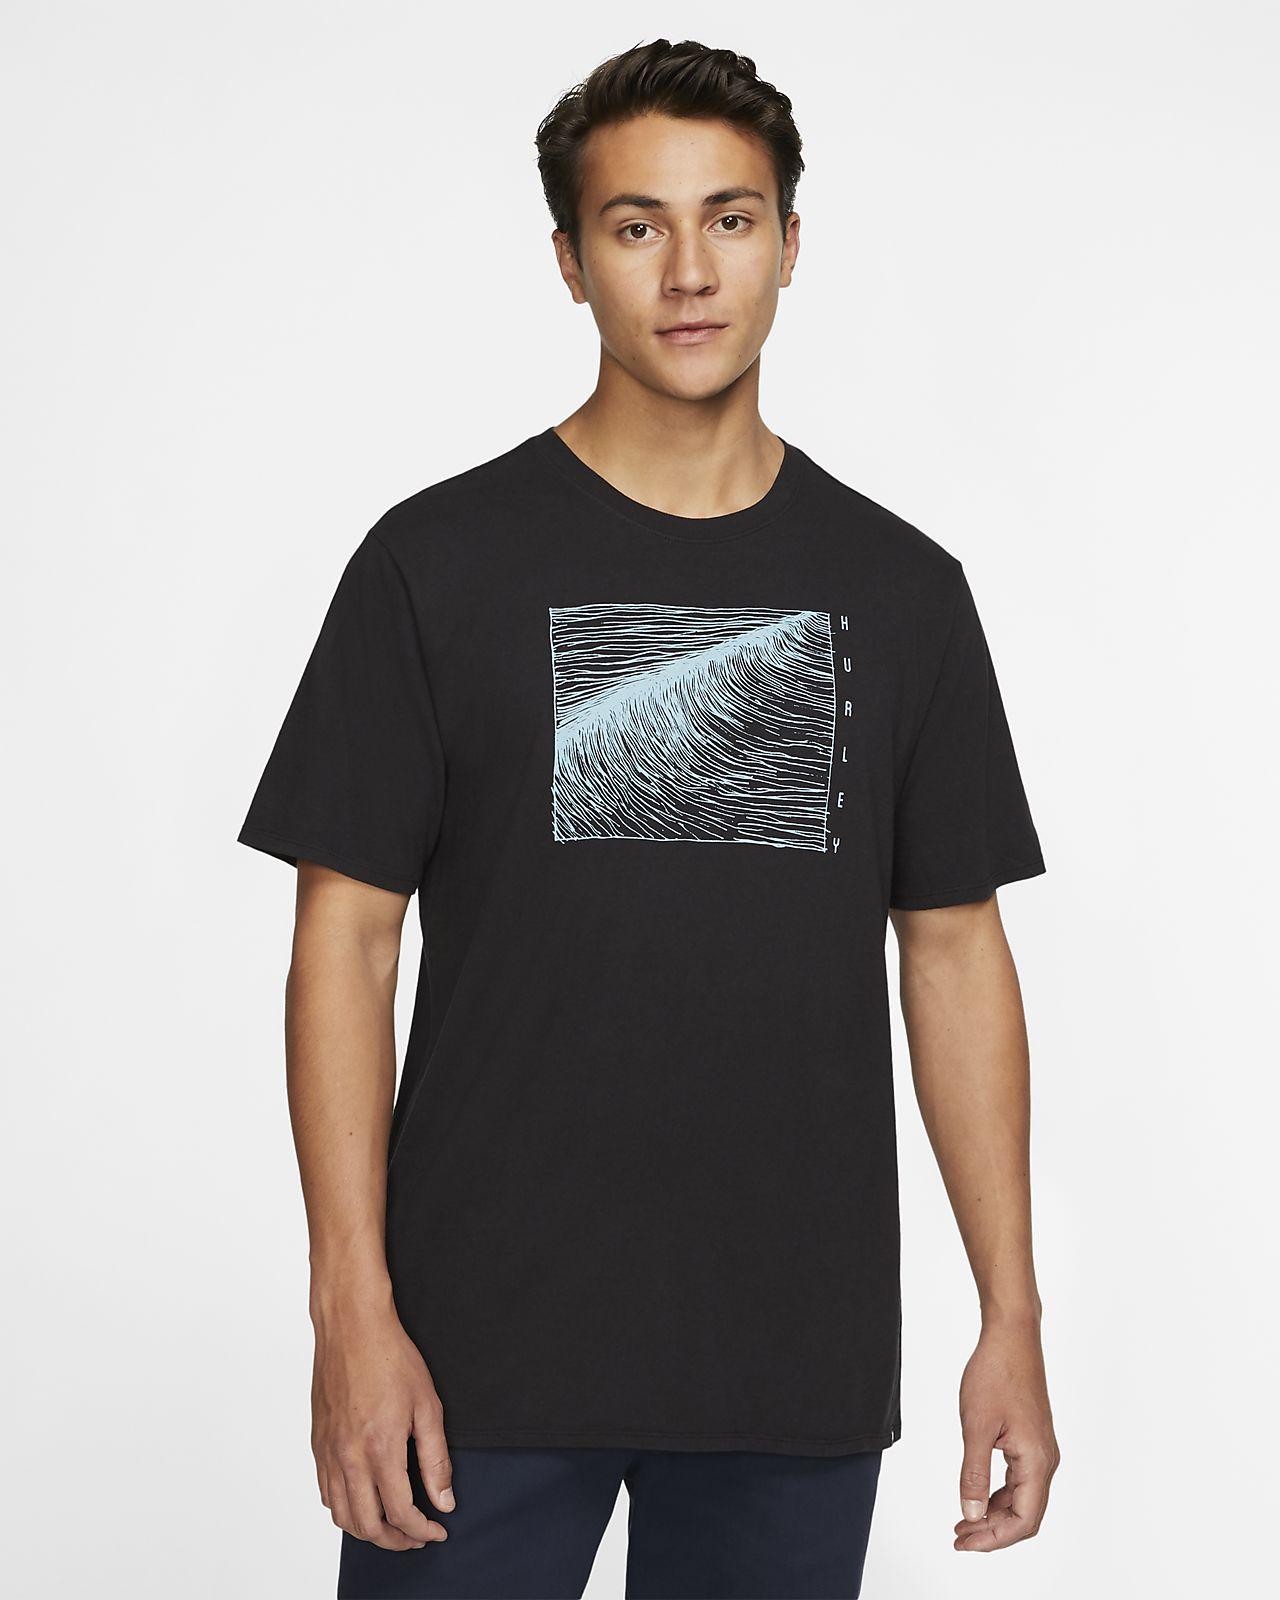 Hurley Linear Wave T-shirt voor heren